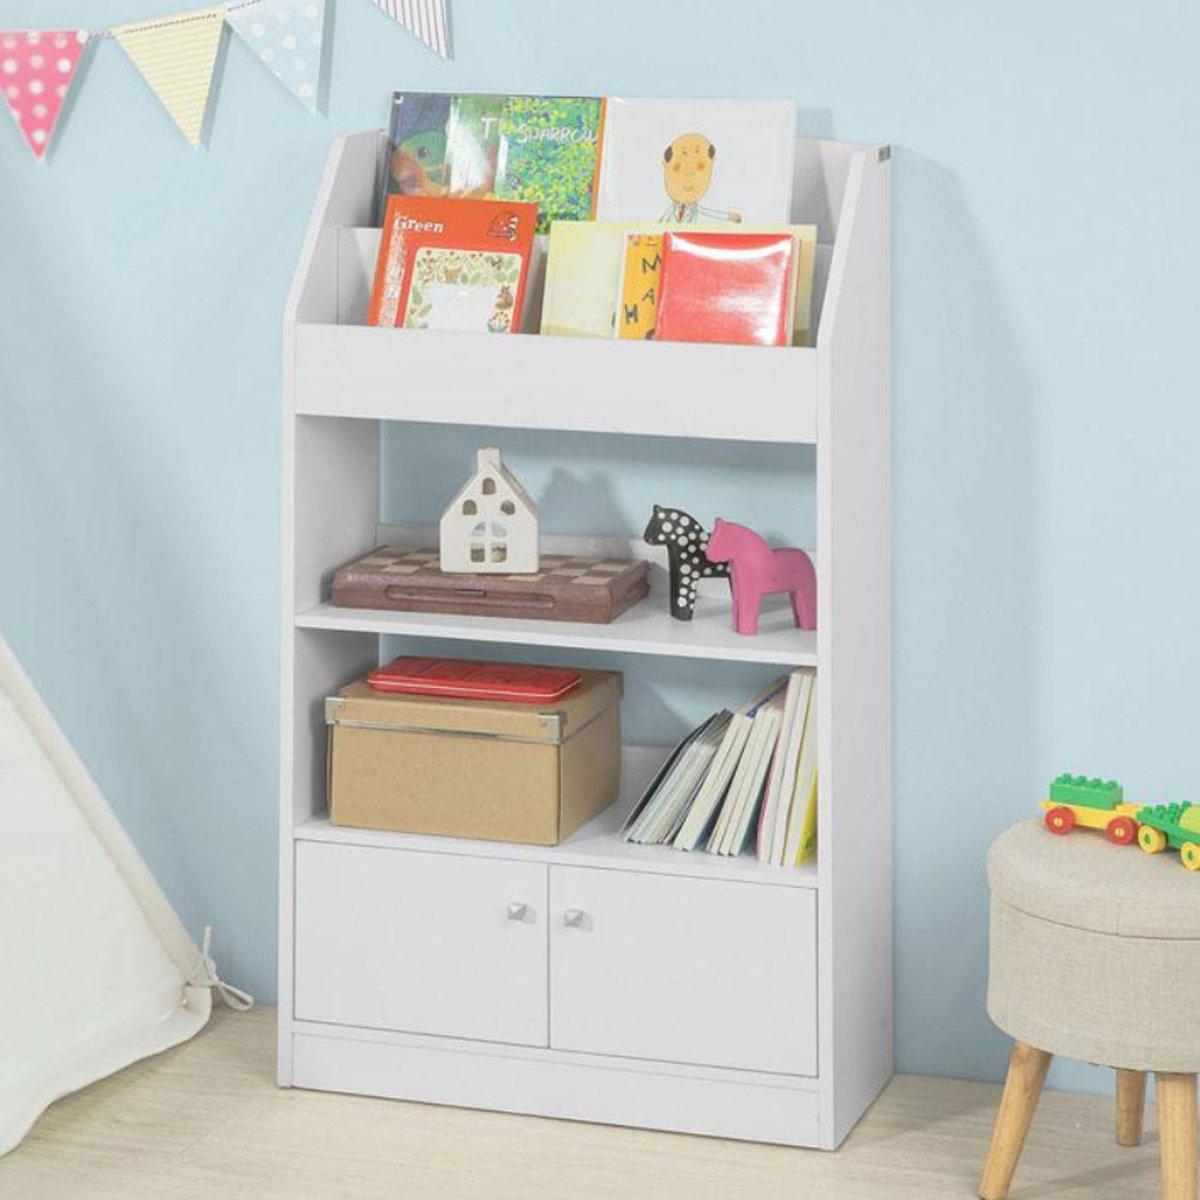 Boekenkast | Kinderen | Wit | 60x107x24cm